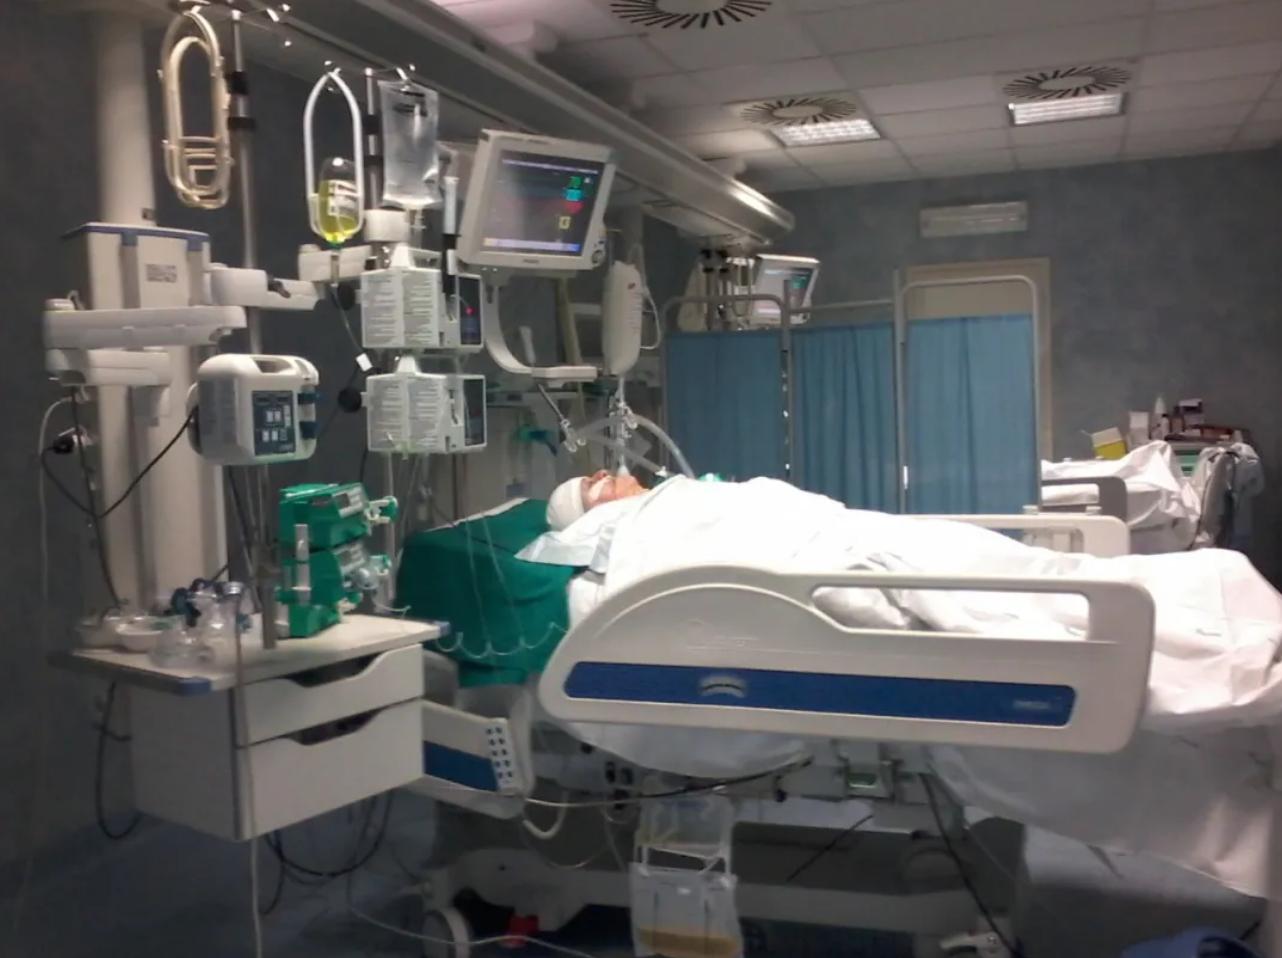 如果有天你站在 ICU 外,能做些什么? 涨姿势 第2张